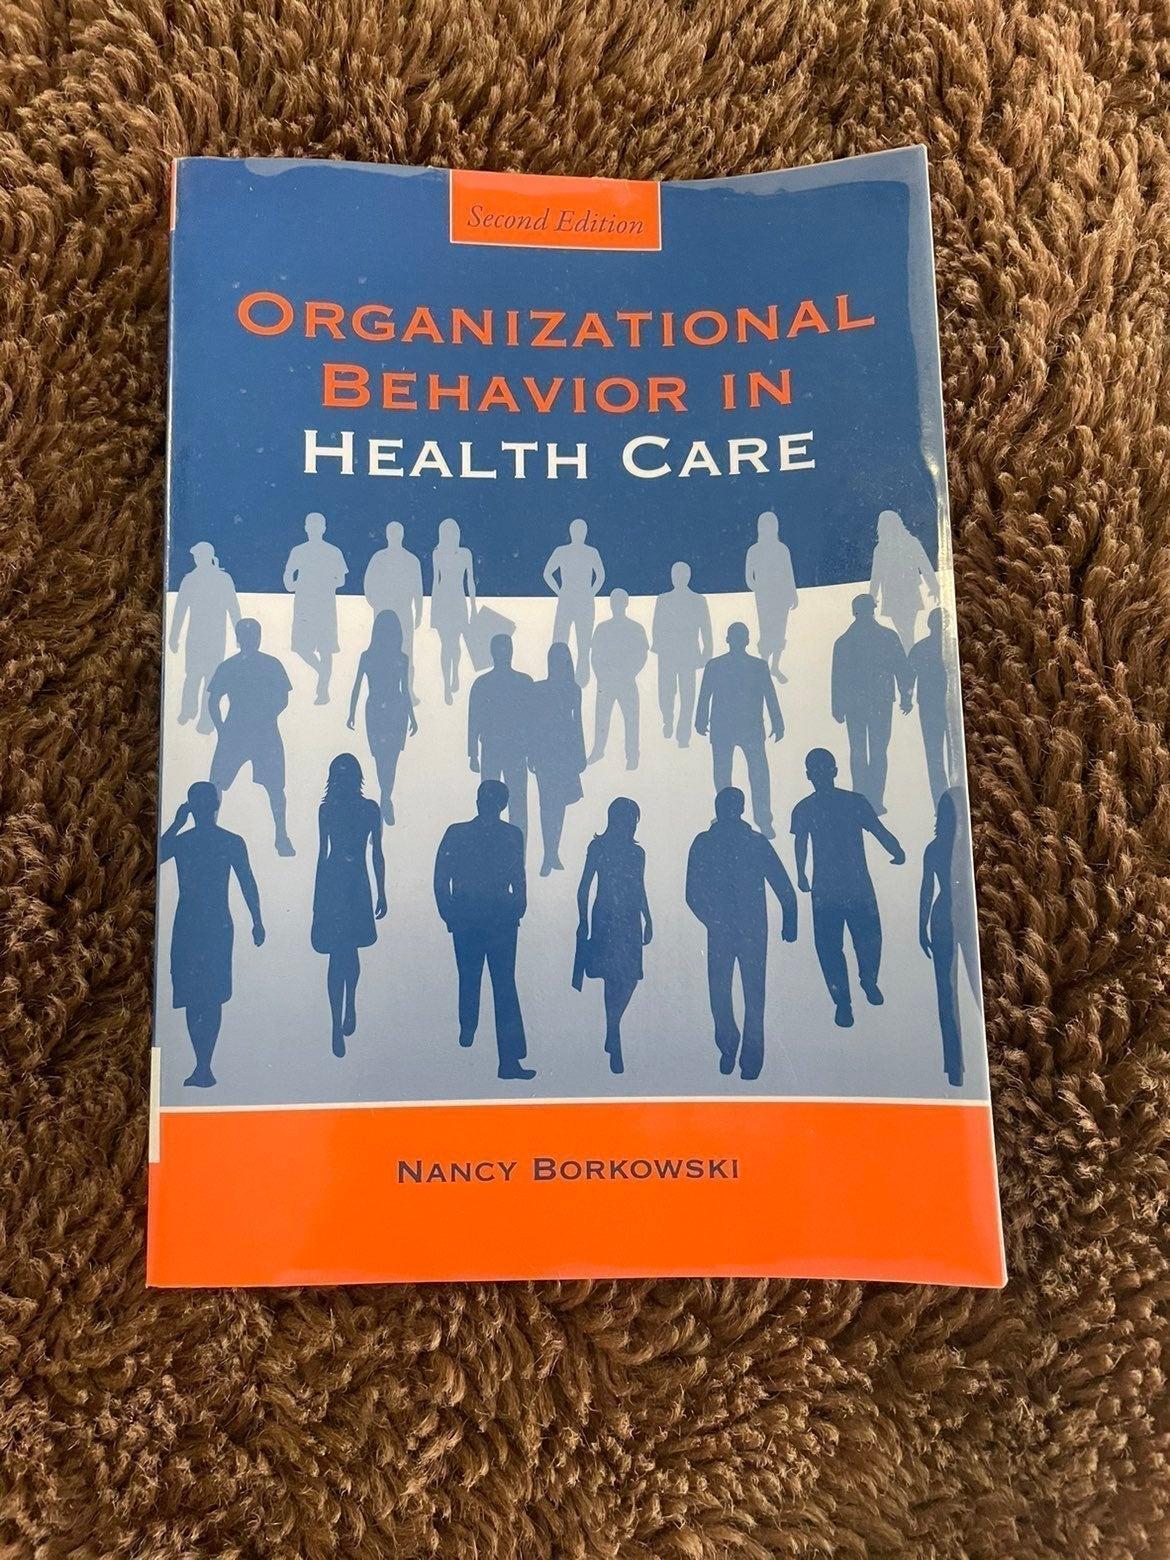 Organazational behavior in Healthcare